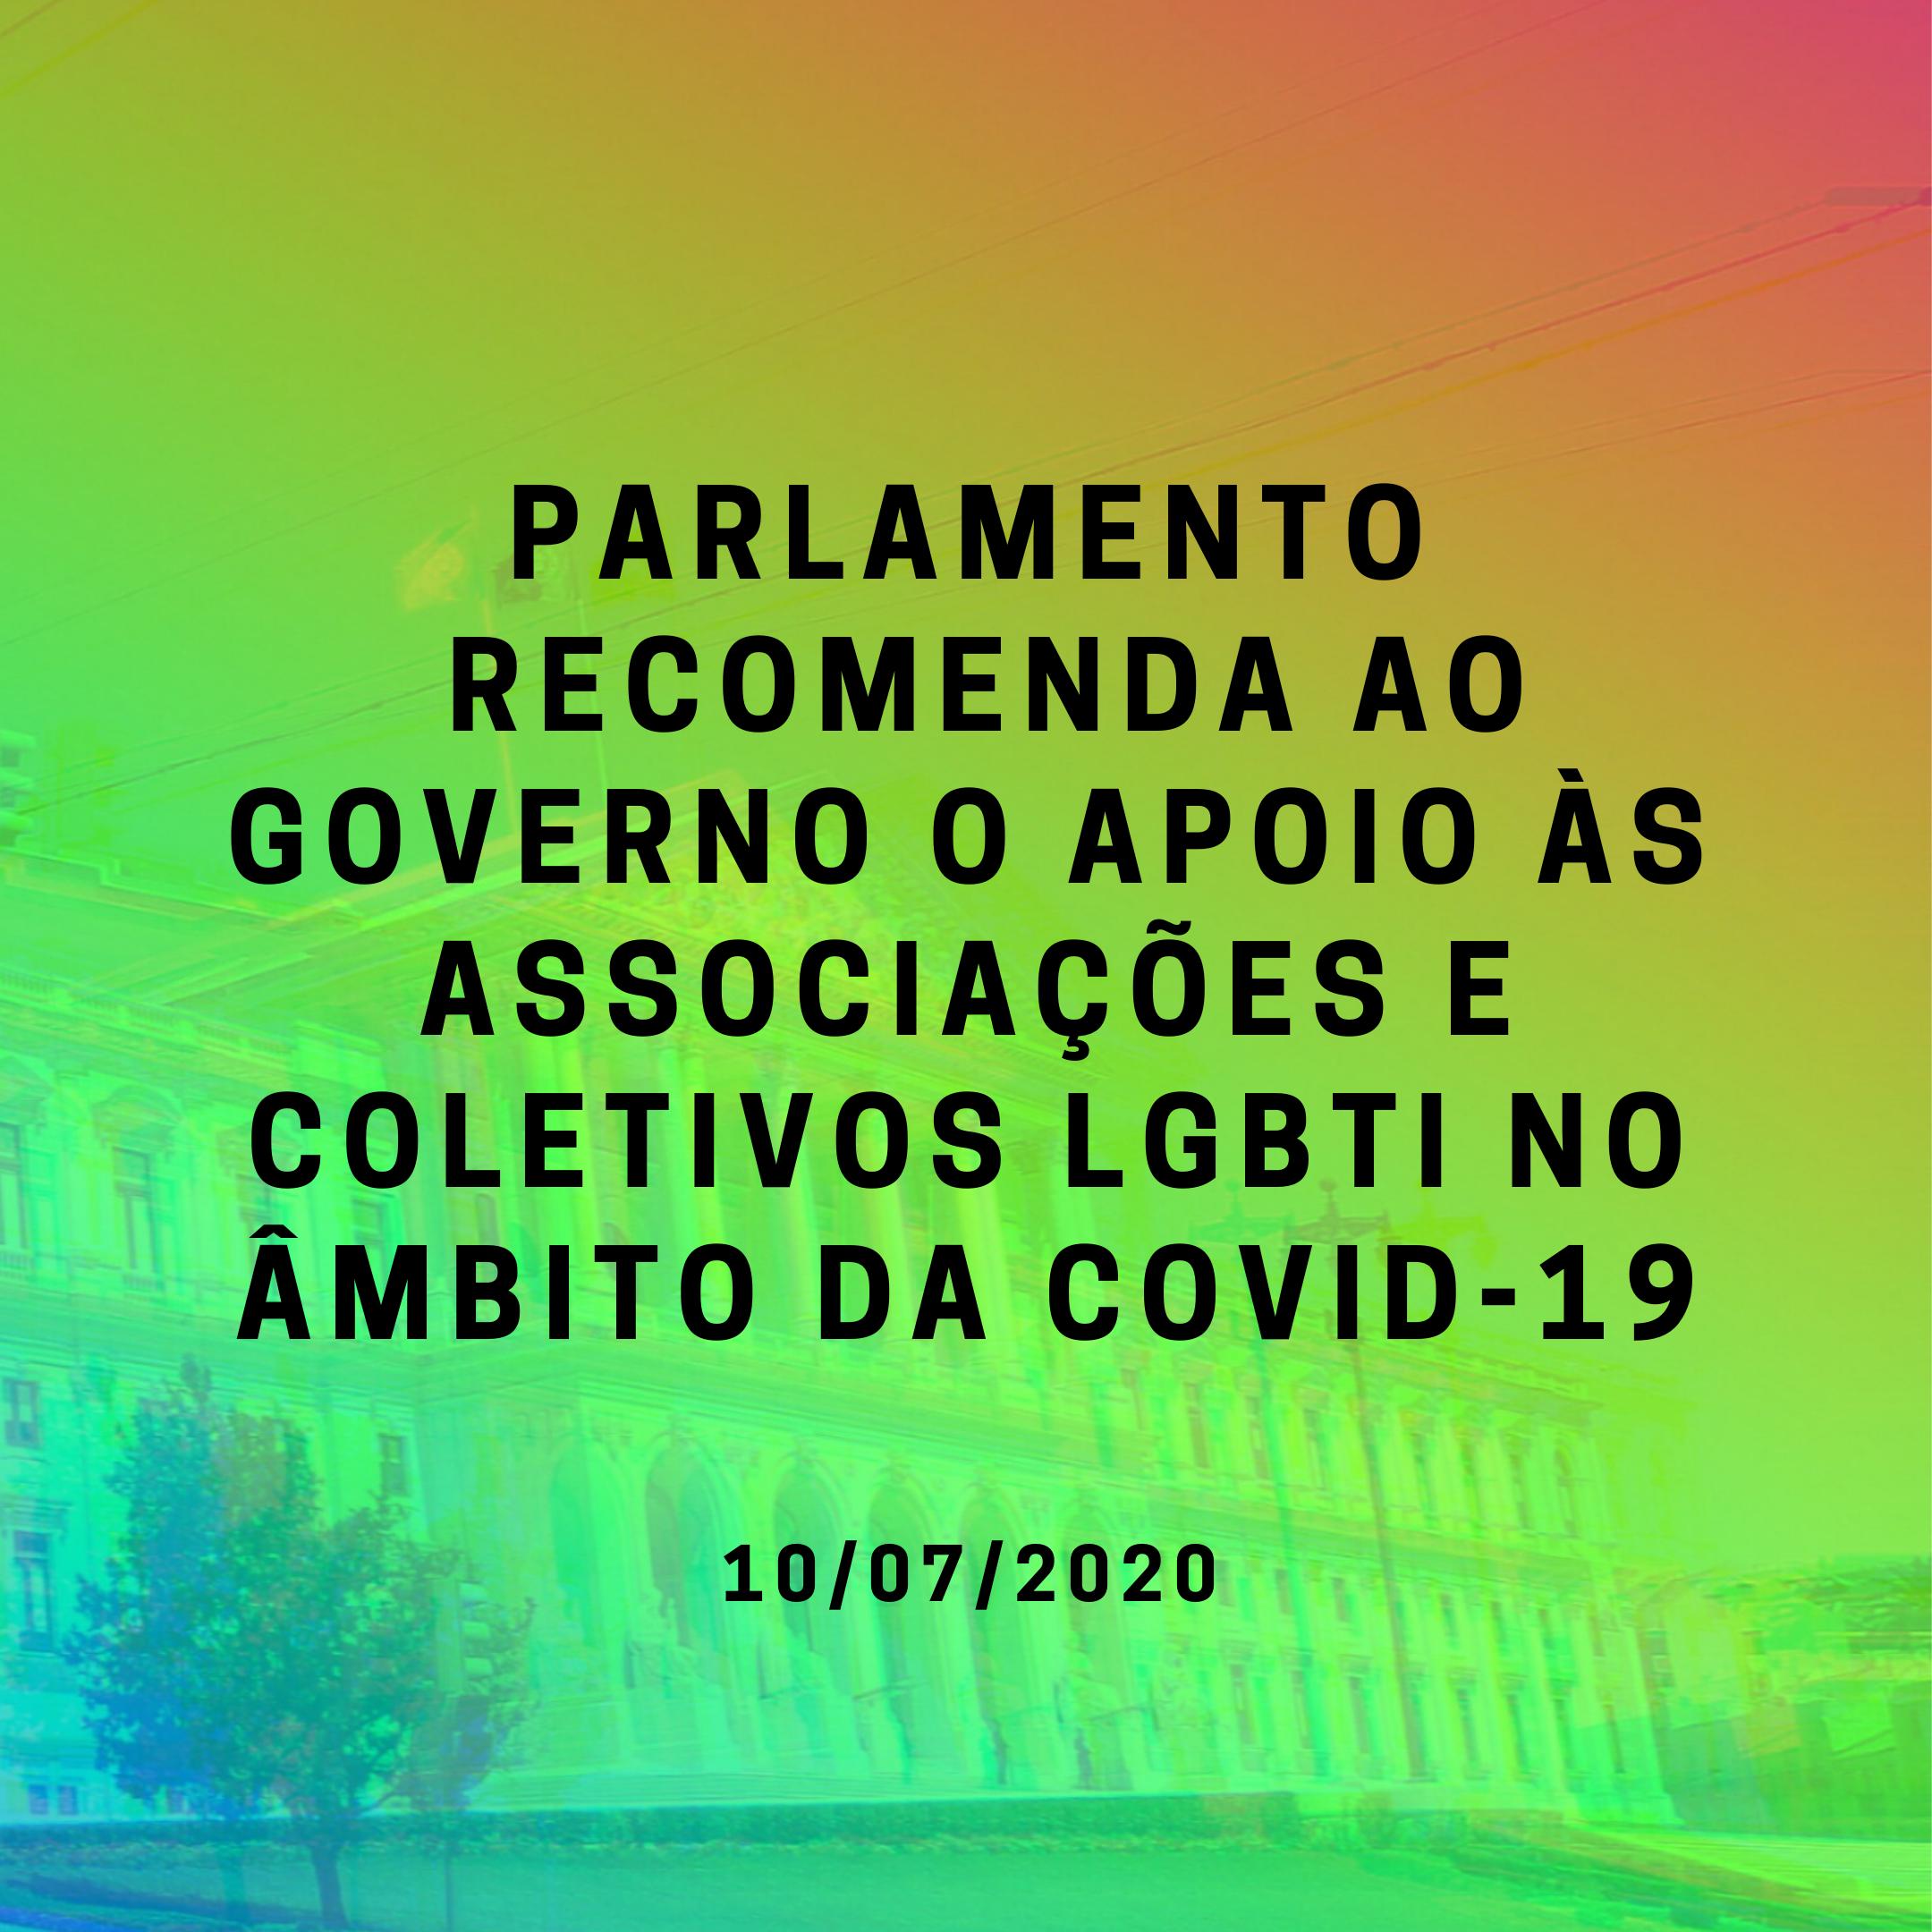 Foi aprovada pela Assembleia da República uma recomendação ao Governo para o apoio às associações e coletivos LGBTI no âmbito da crise epidémica da Covid-19.